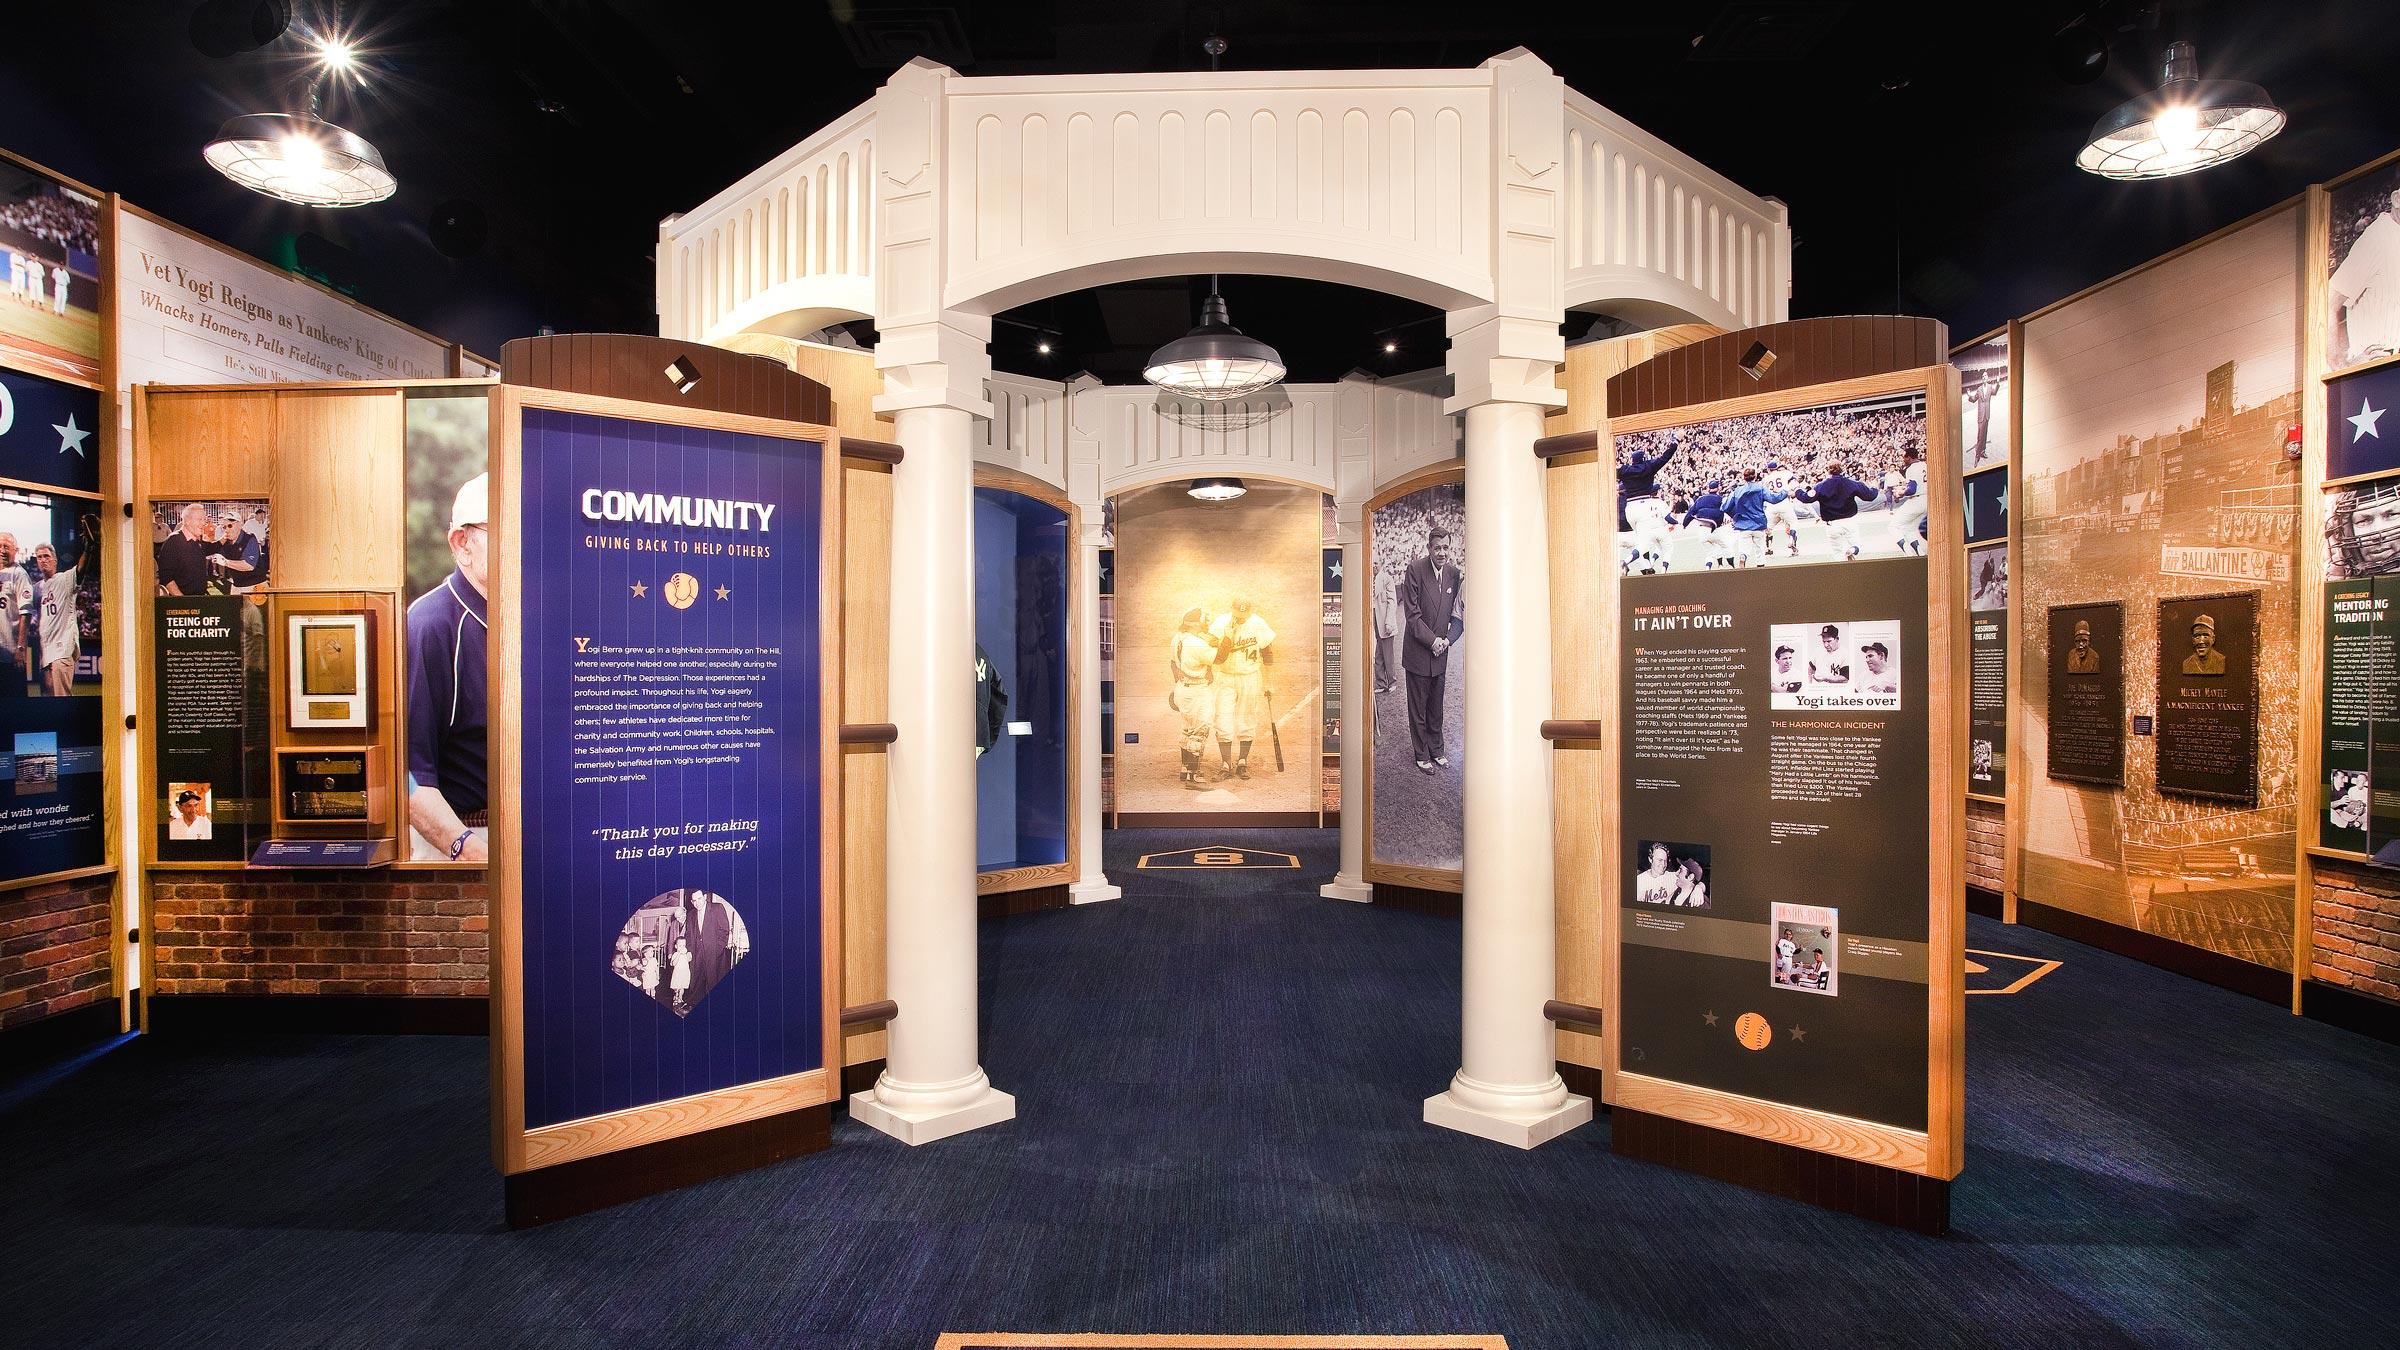 The Yogi Berra Museum & Learning Center